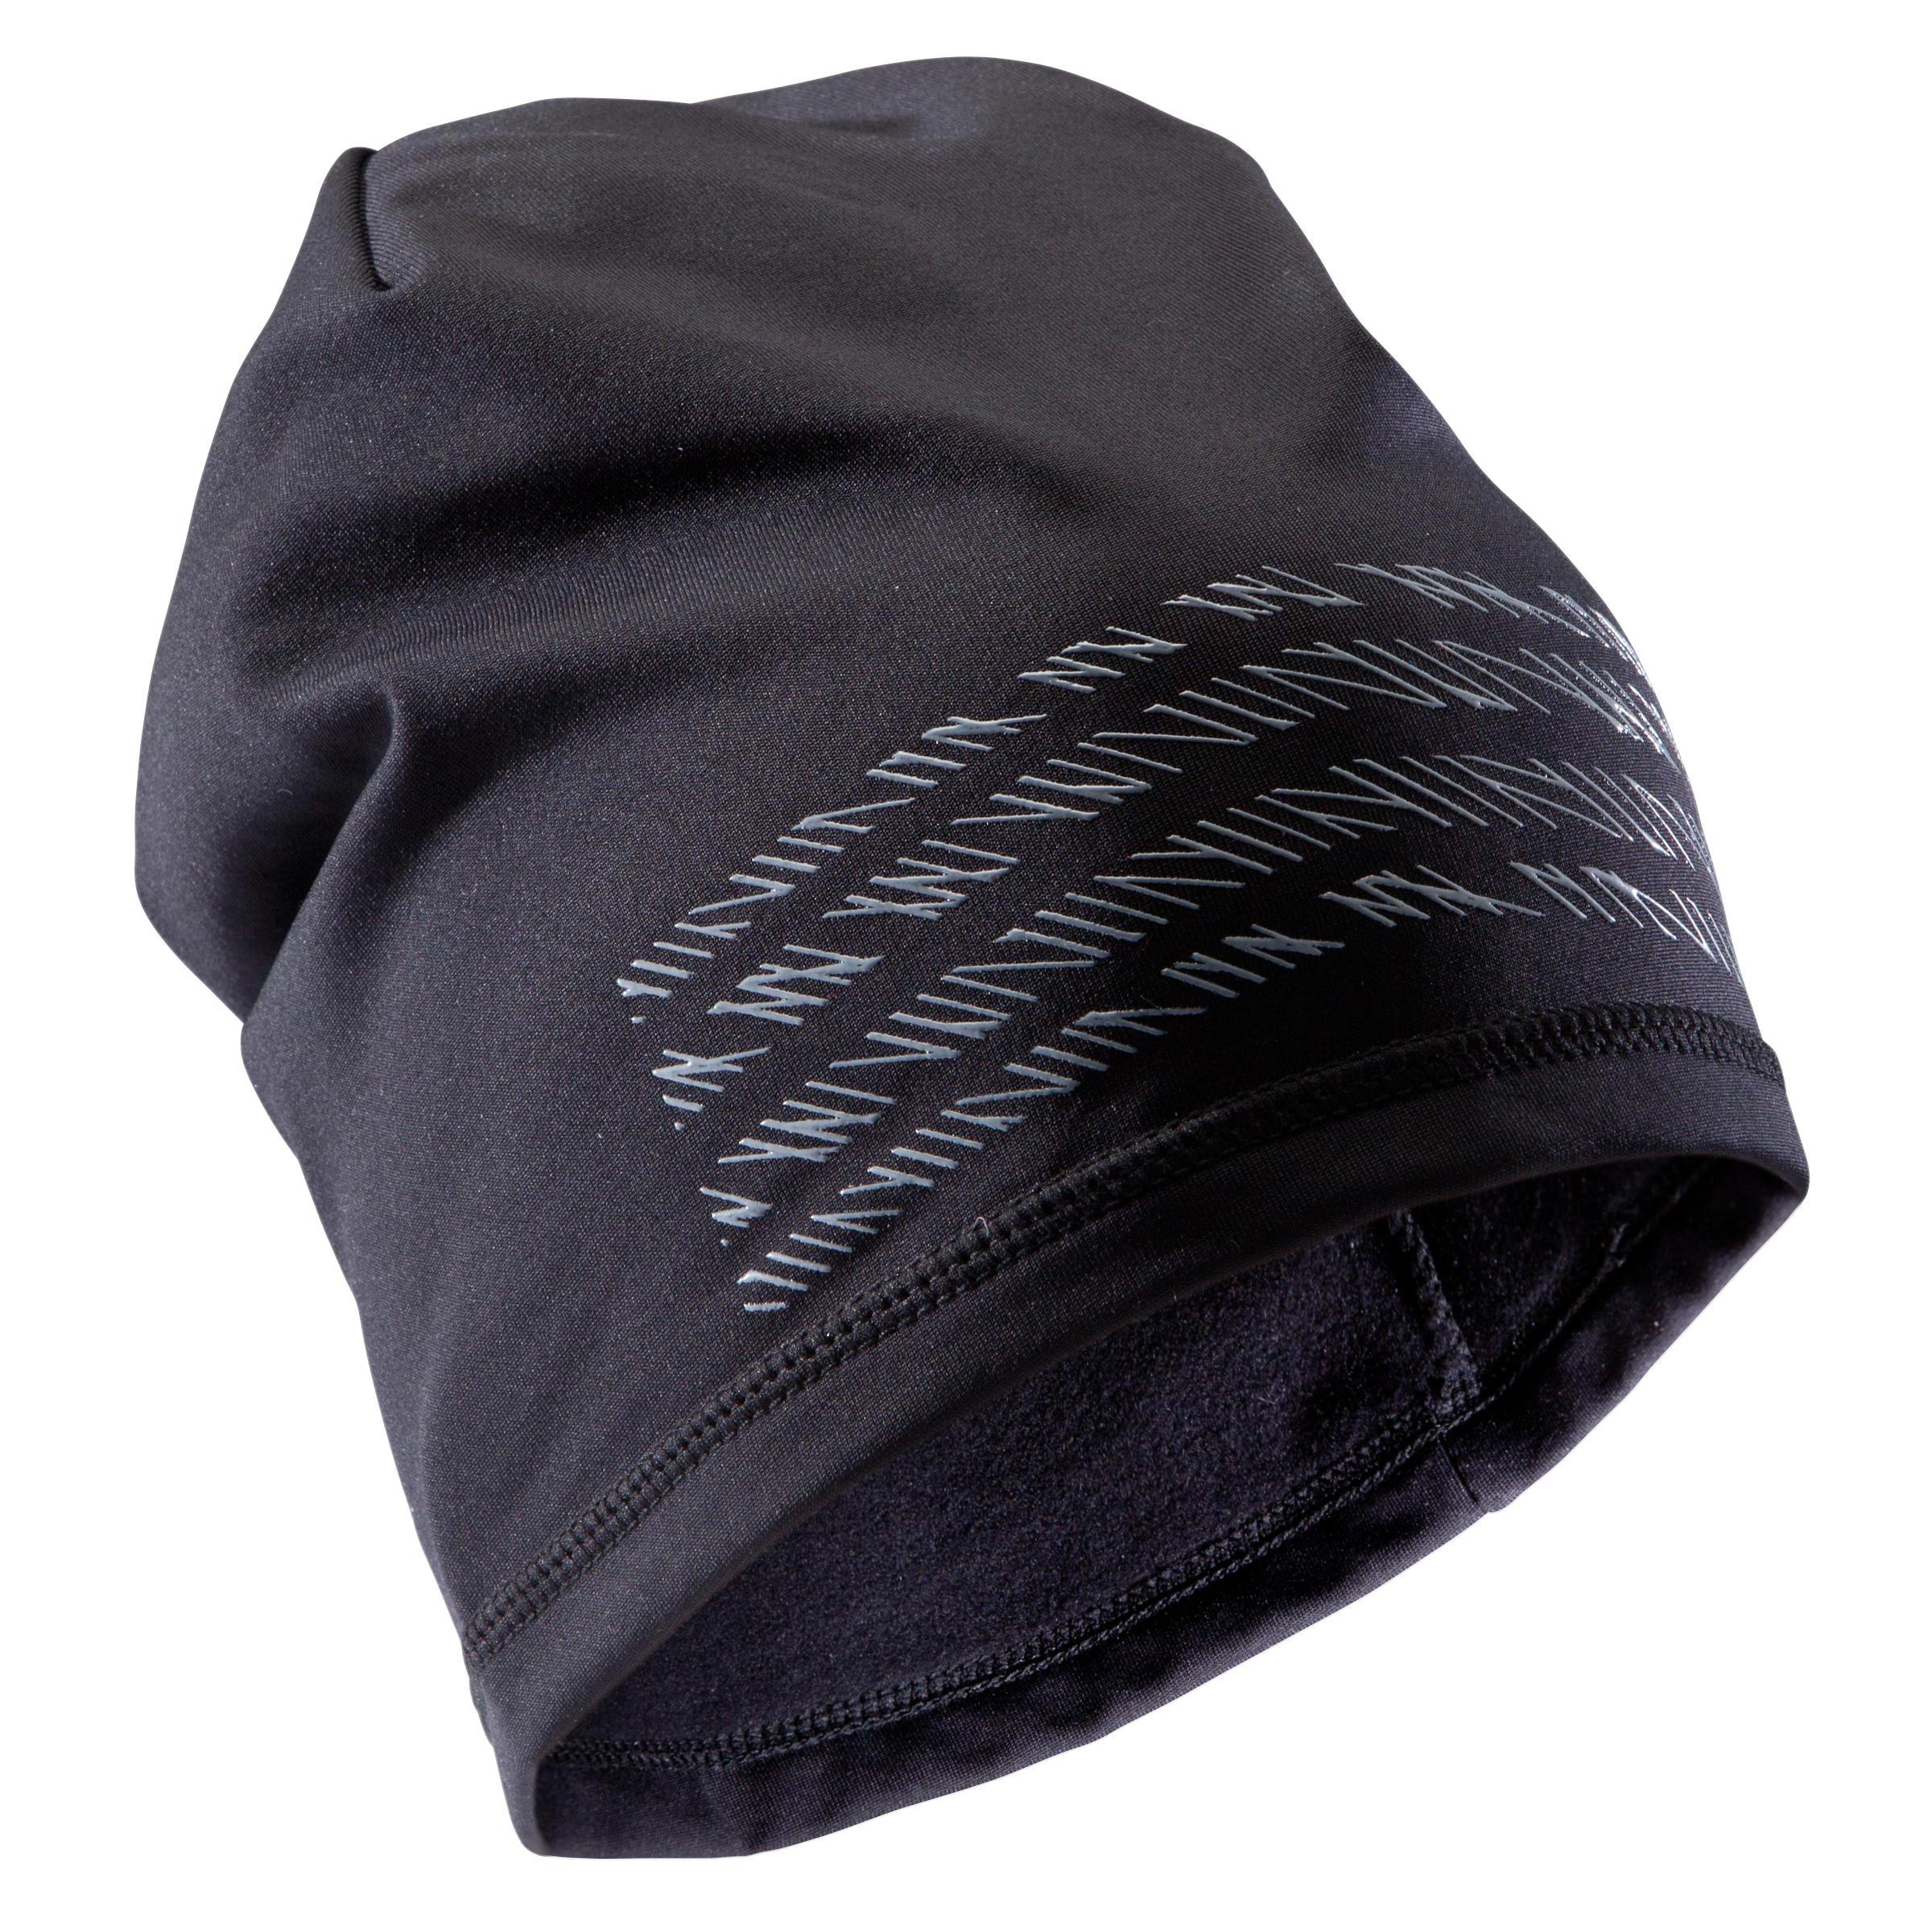 Keepdry 500 Adult Hat - Black